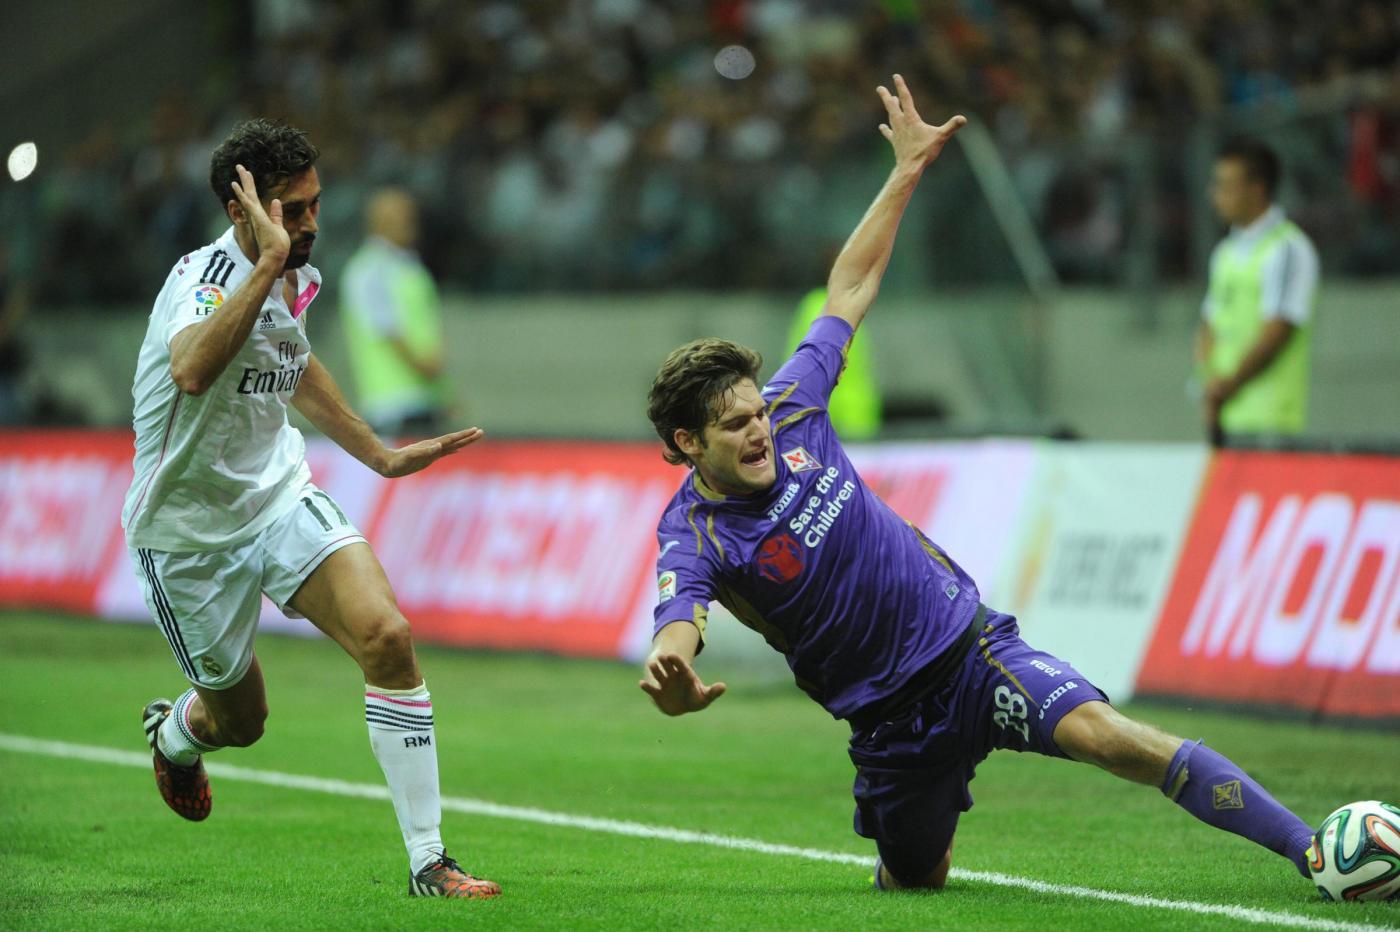 Fiorentina batte Real Madrid 2-1: vittoria in rimonta per Montella